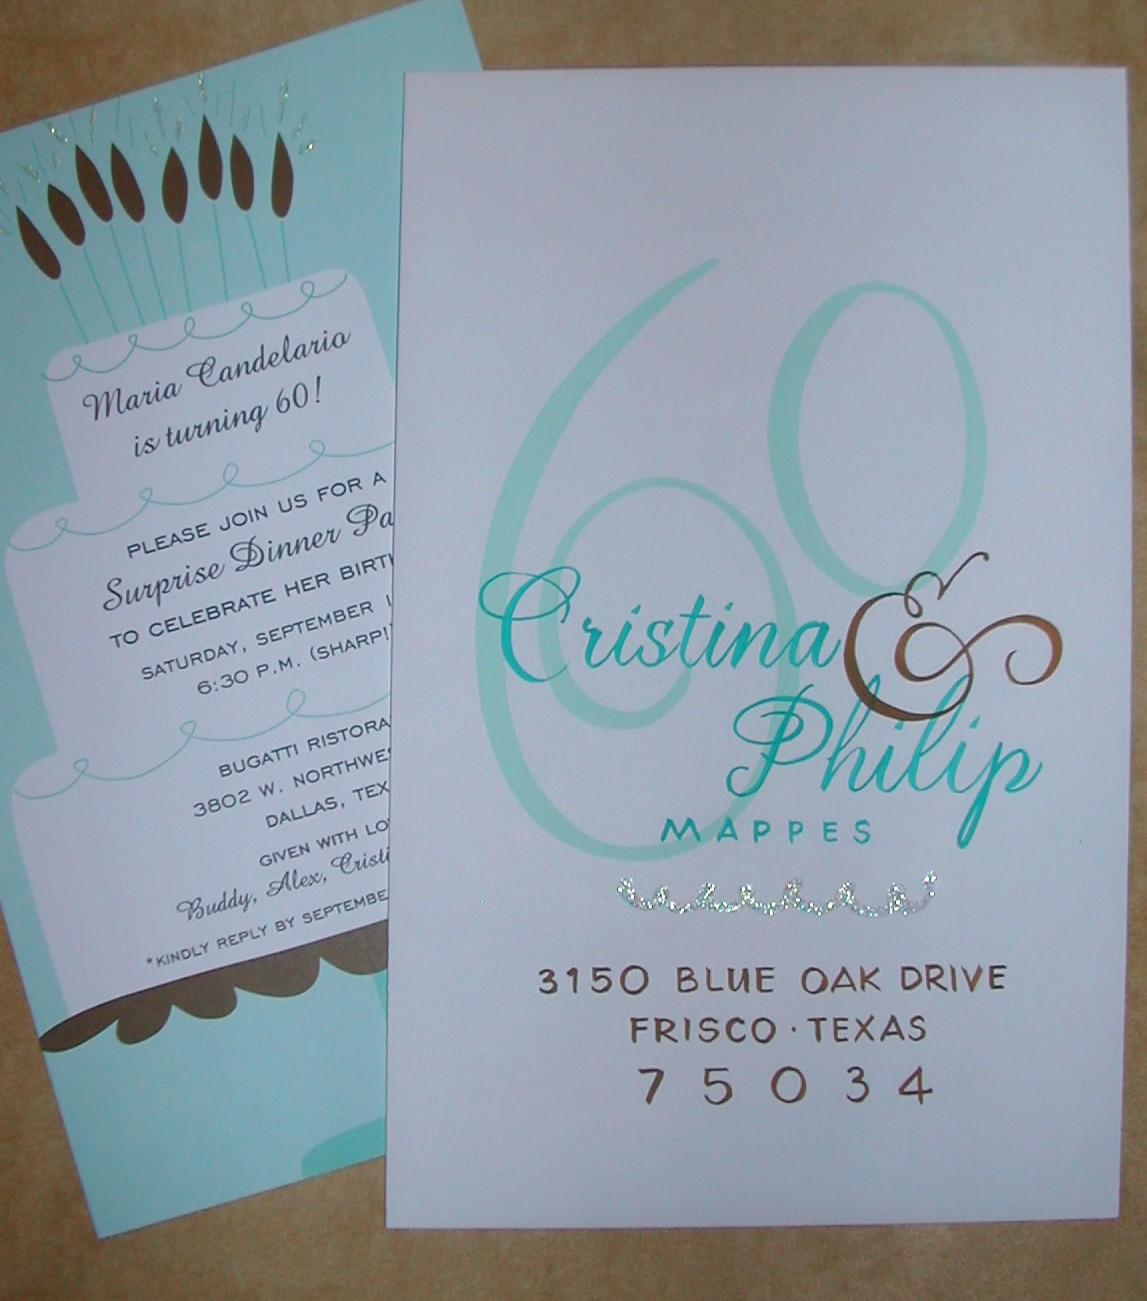 Calligraphy on Envelopes | Lettering Art Studio